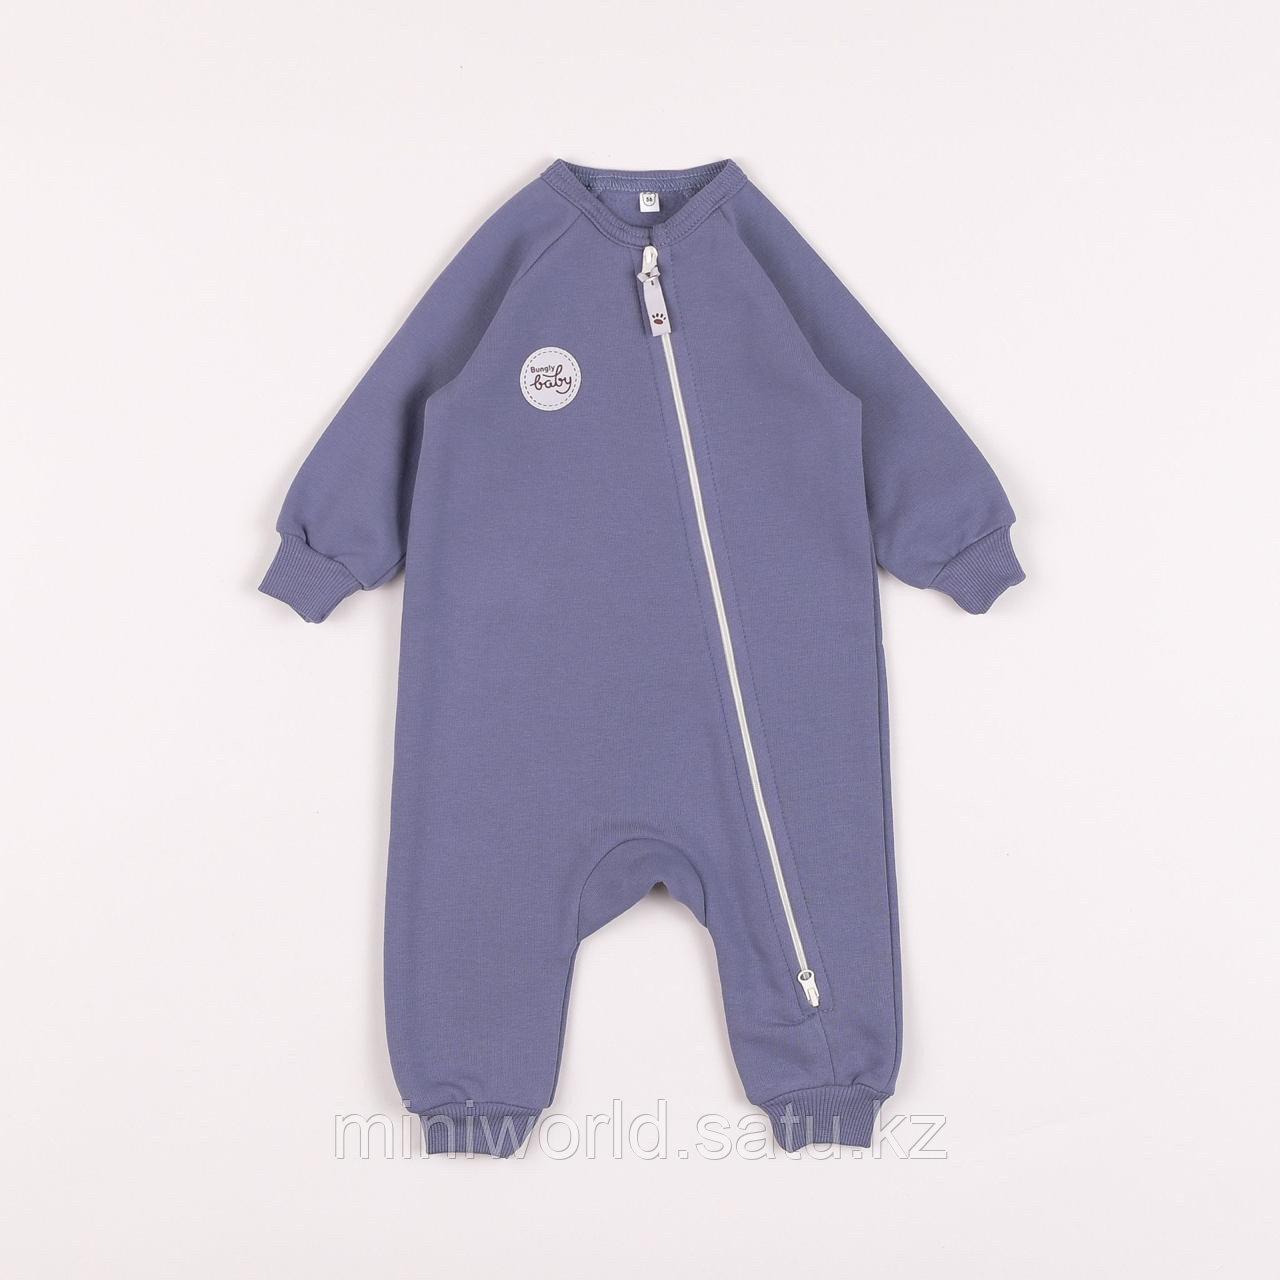 Комбинезон для малышей от Bungly Boo - фото 3